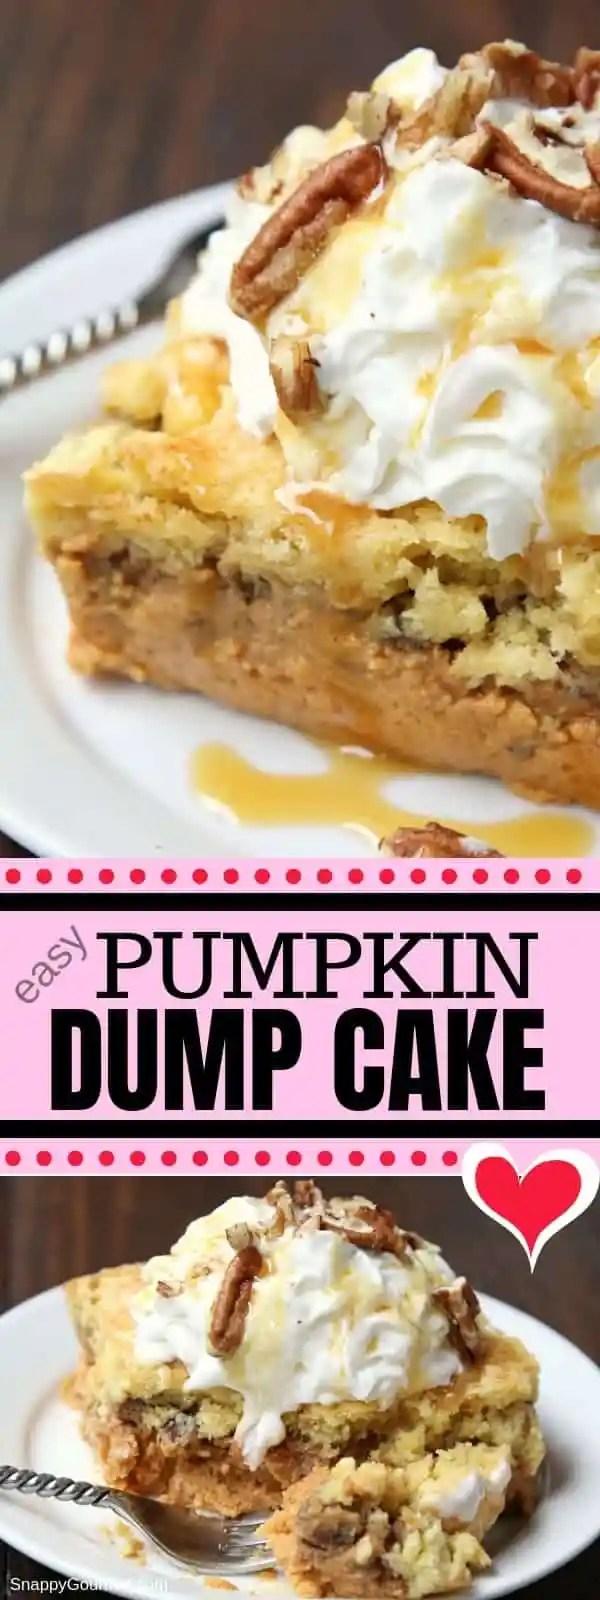 Pumpkin Dump Cake - an easy dump cake recipe that is a cross between pumpkin pie and pumpkin crunch cake